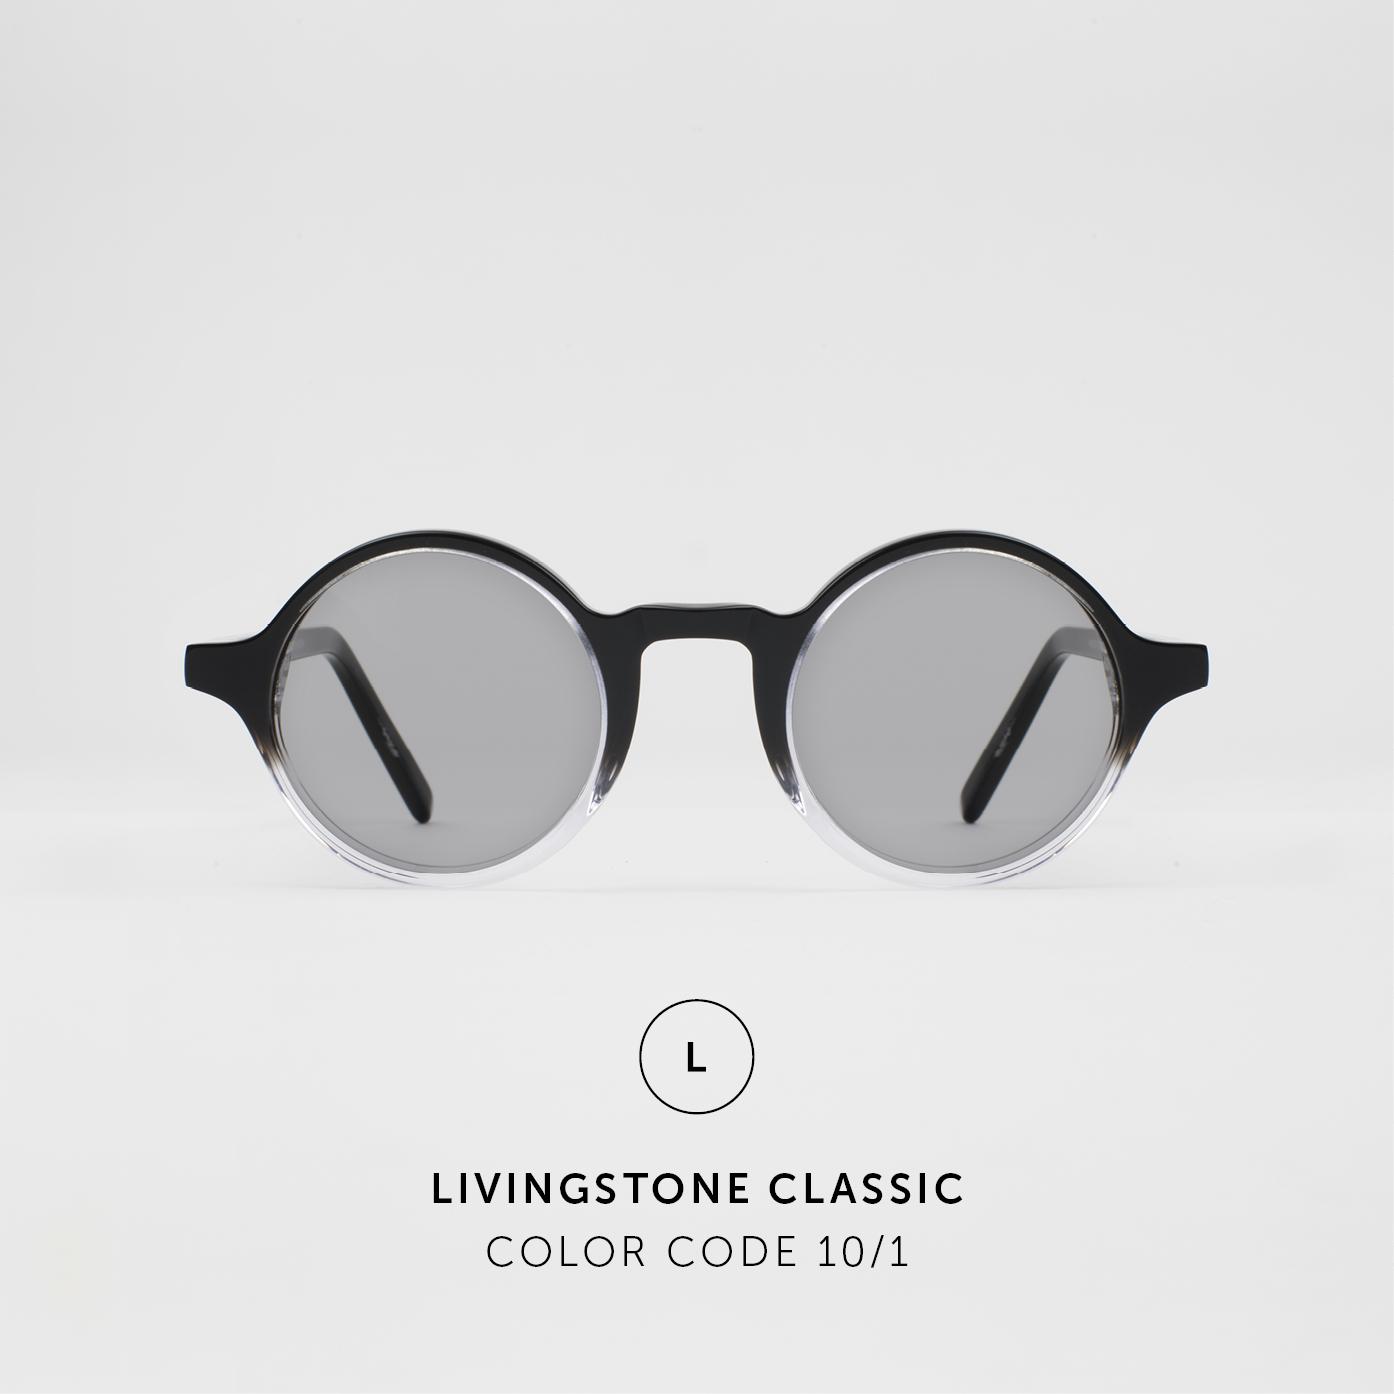 LivingstoneClassic48.jpg